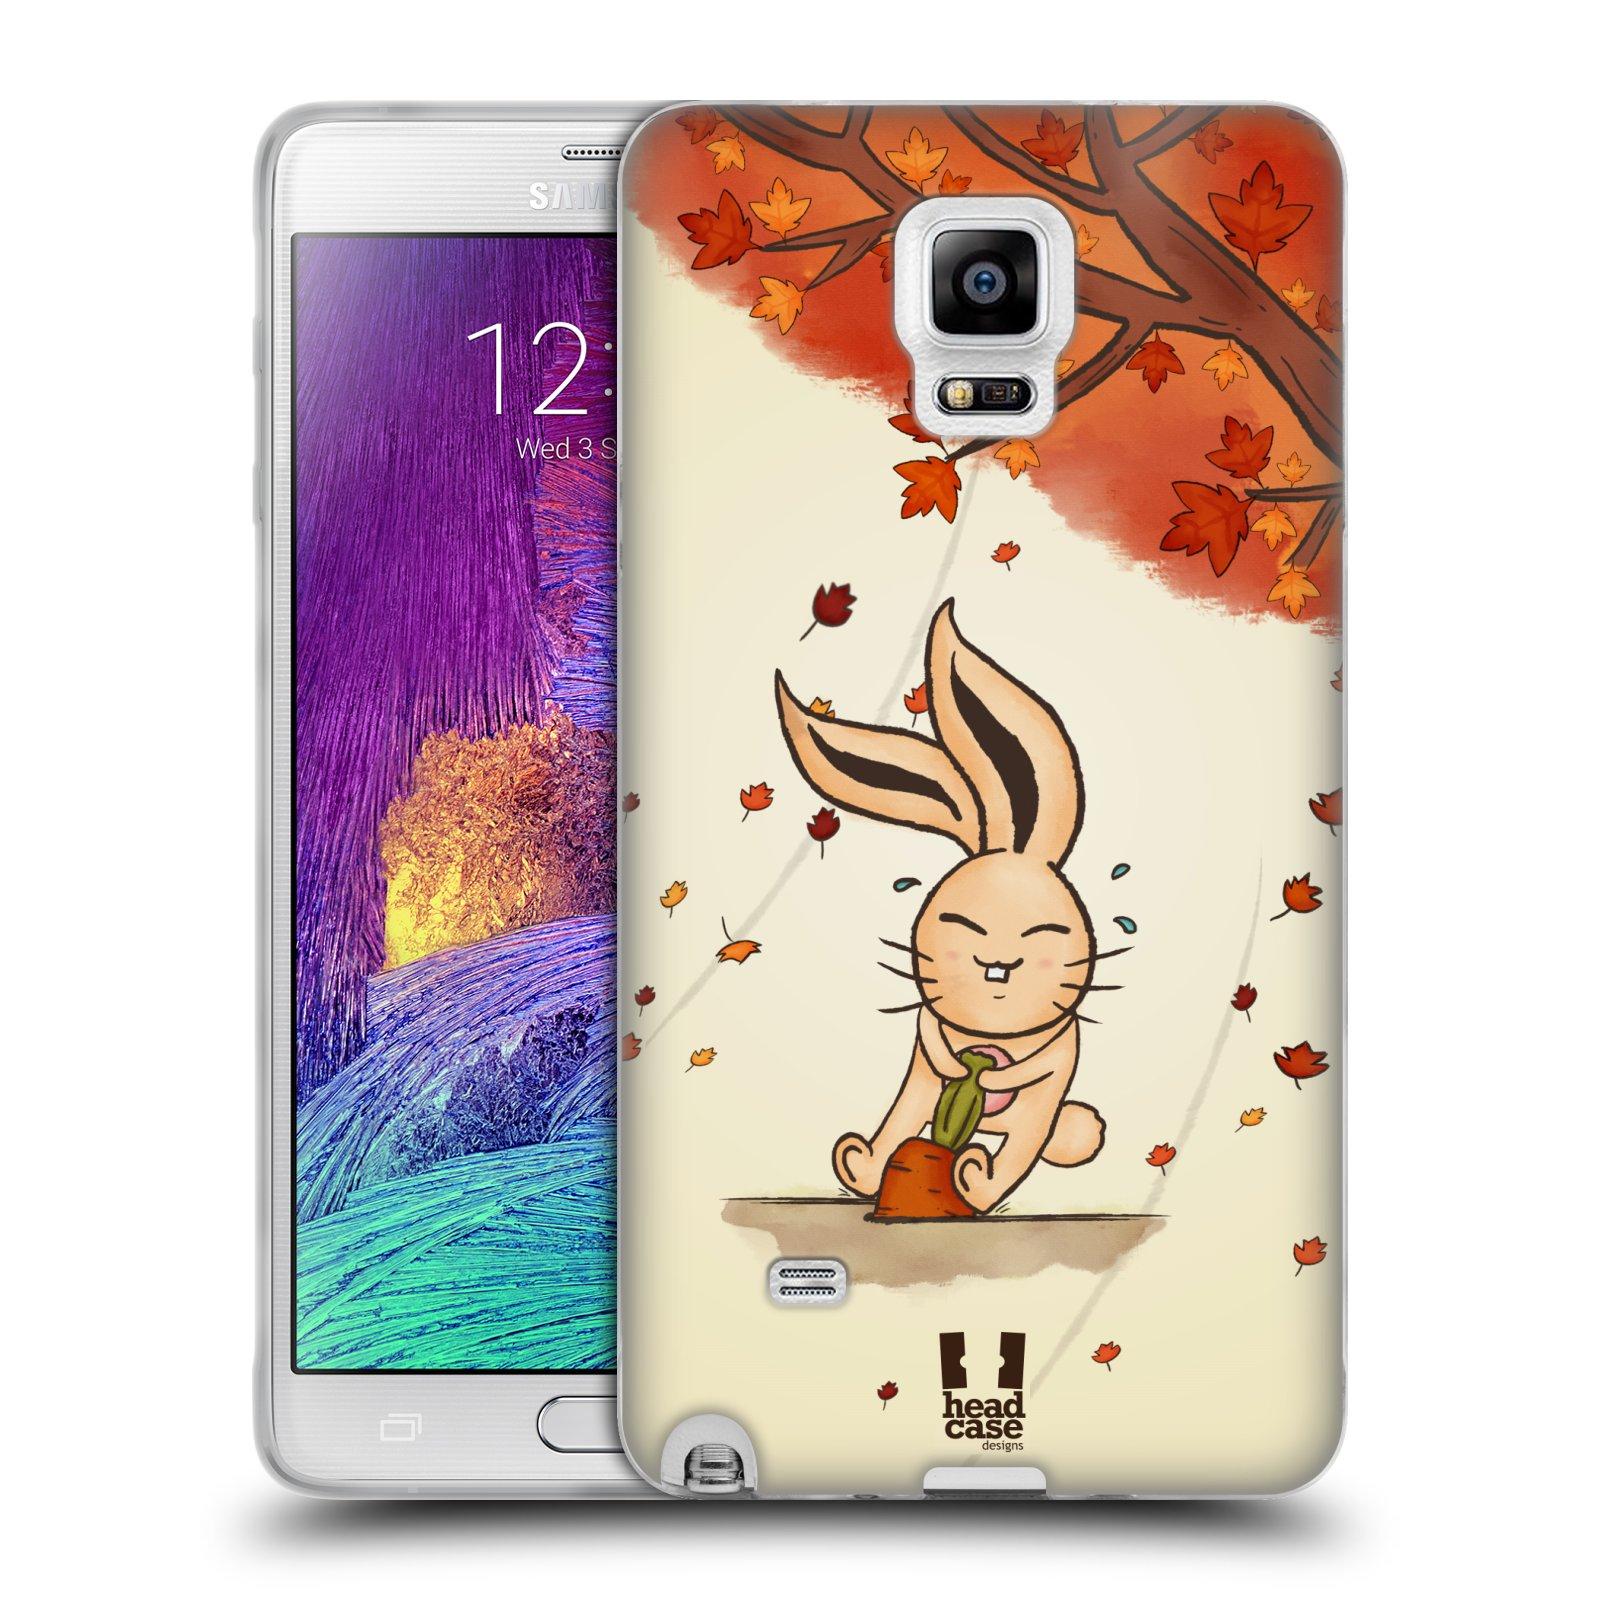 HEAD CASE silikonový obal na mobil Samsung Galaxy Note 4 (N910) vzor podzimní zvířátka zajíček a mrkev